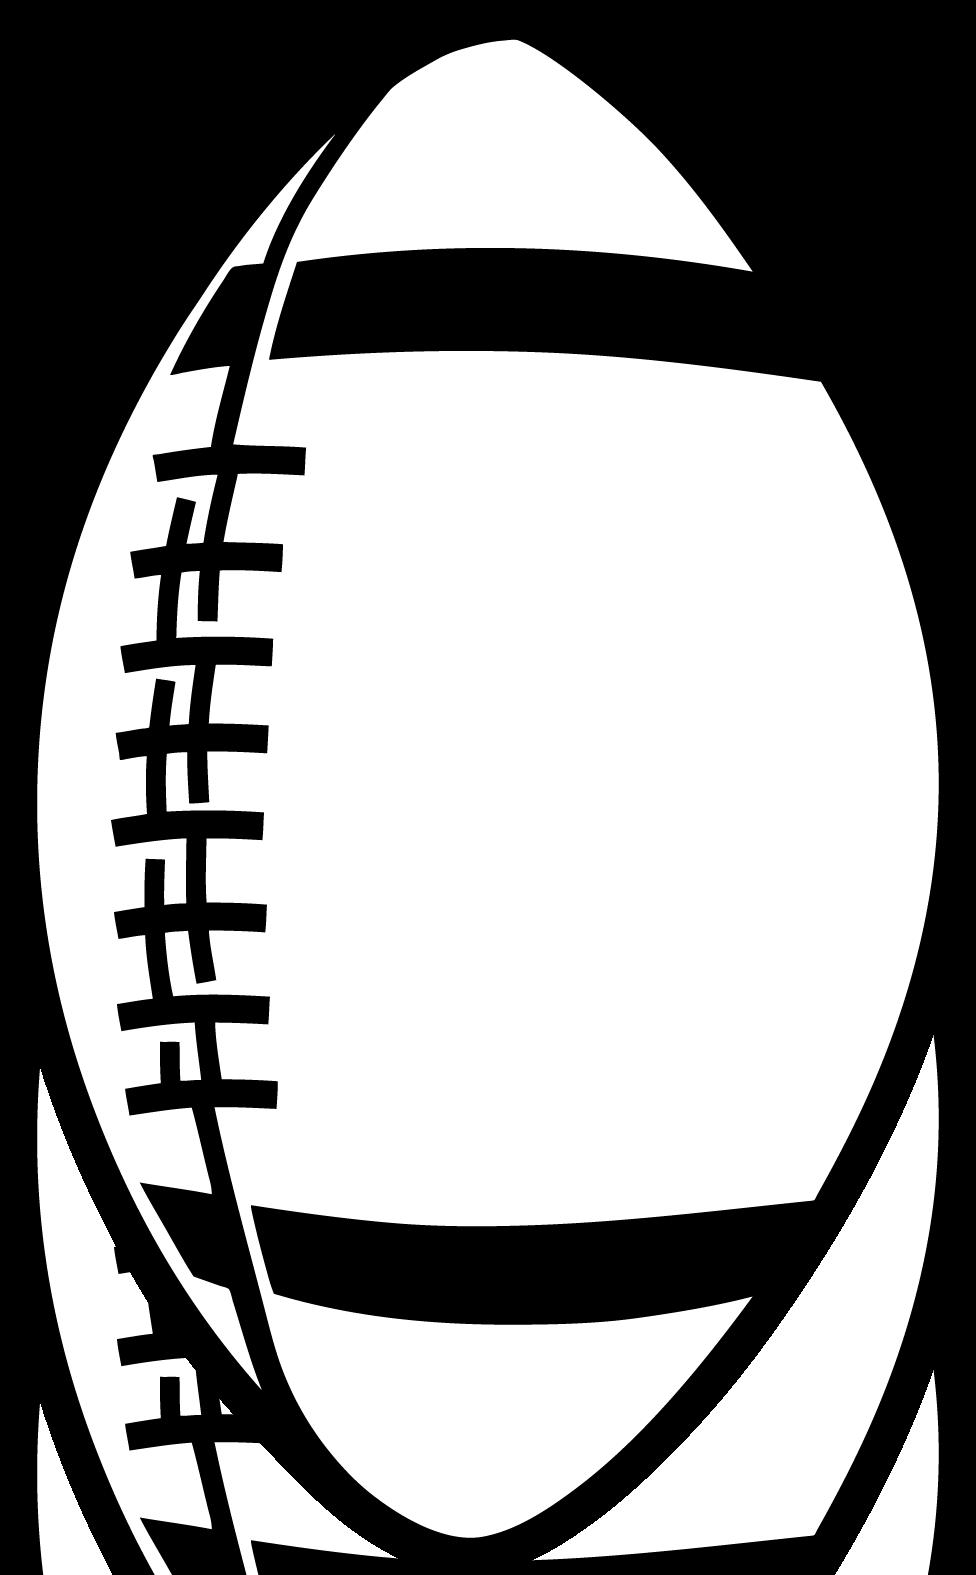 Vertical Football Clipart